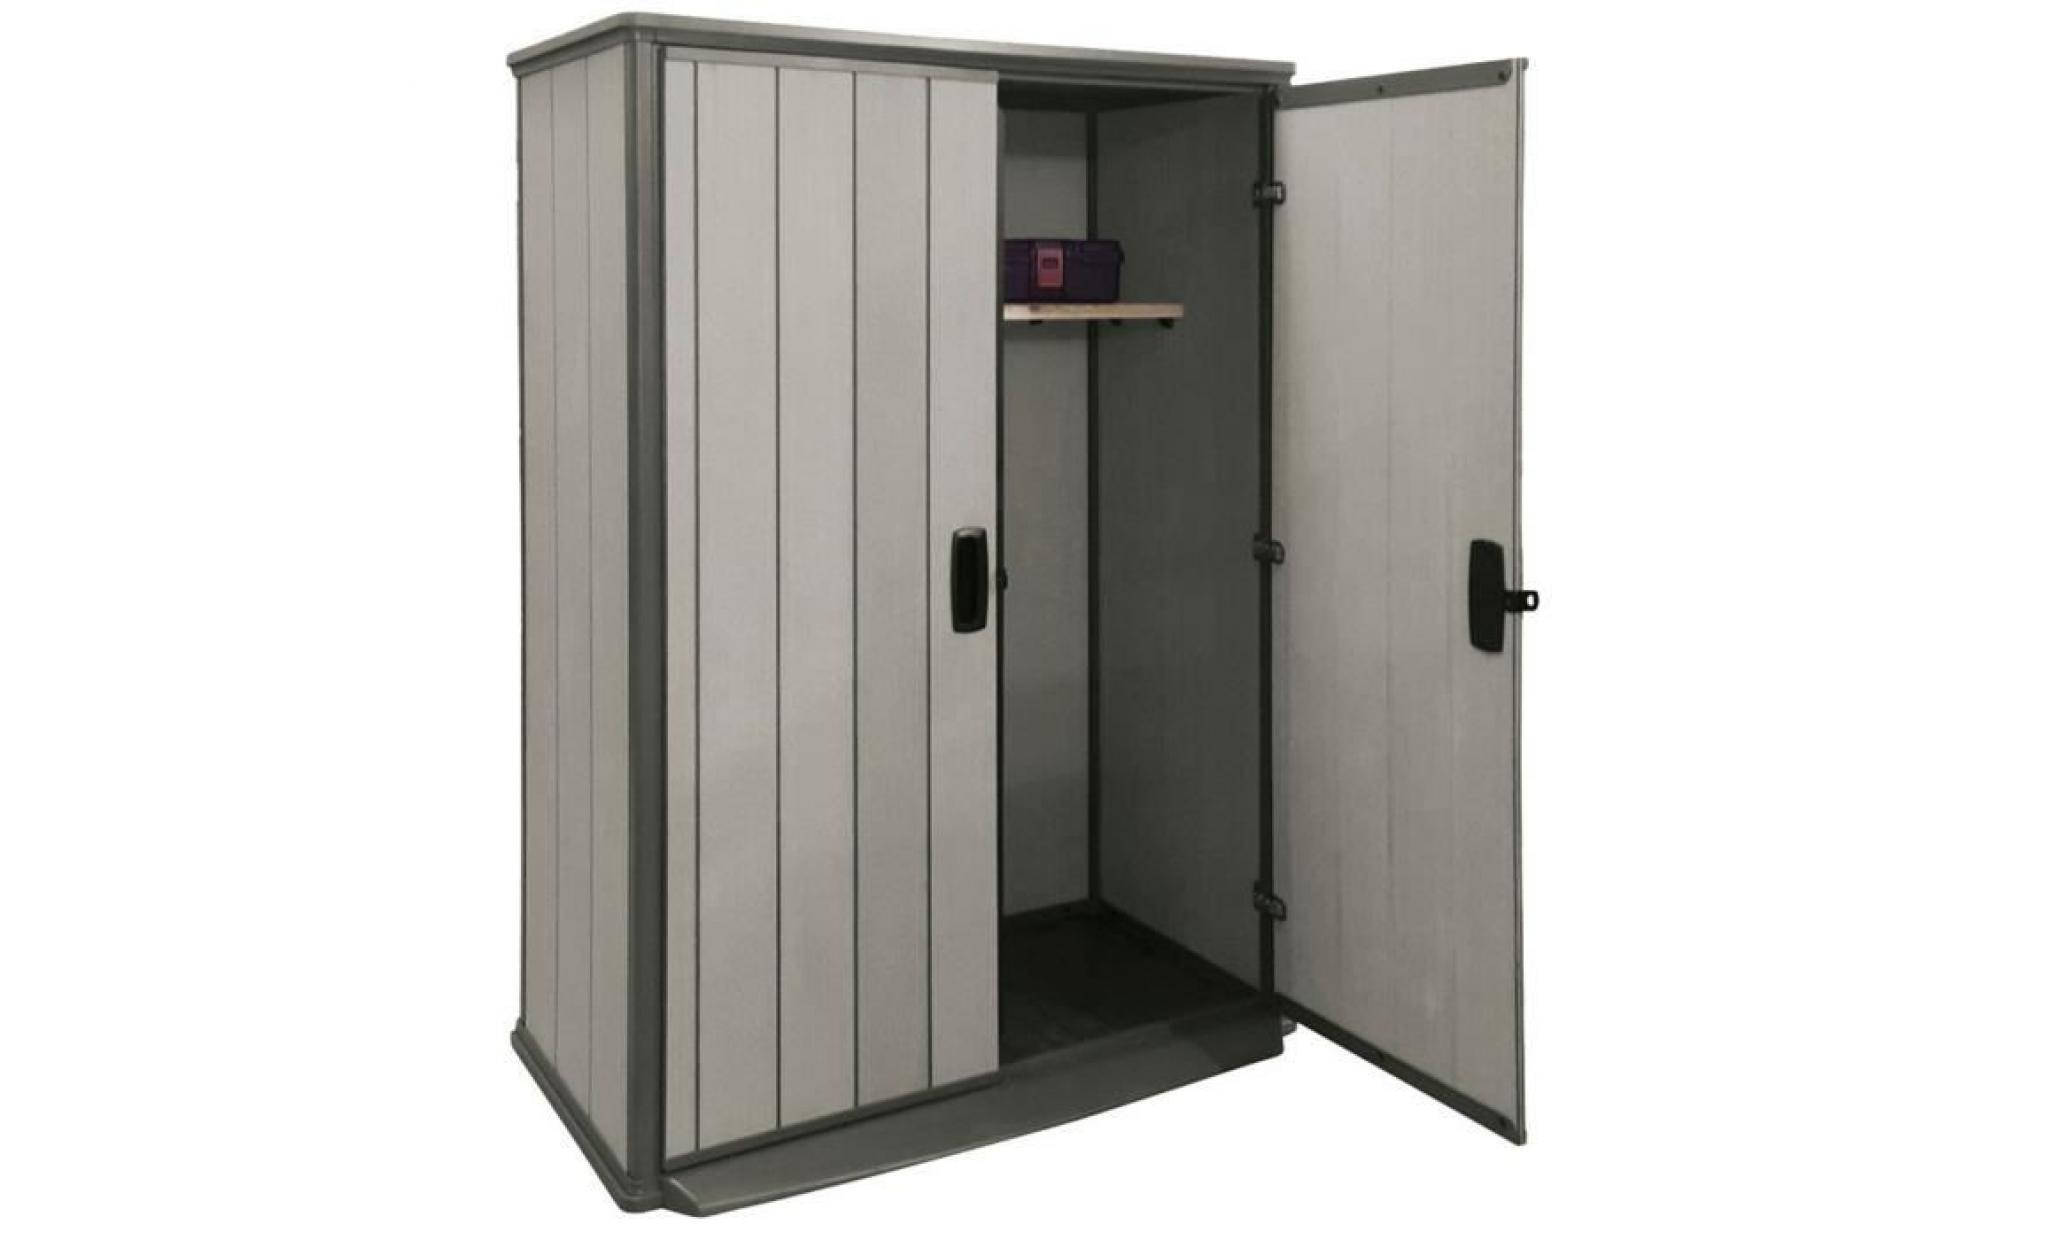 armoire de jardin en resine polypropylene coloris grise 138 x 80 5 x 185 cm achat vente armoire pas cher couleur et design fr